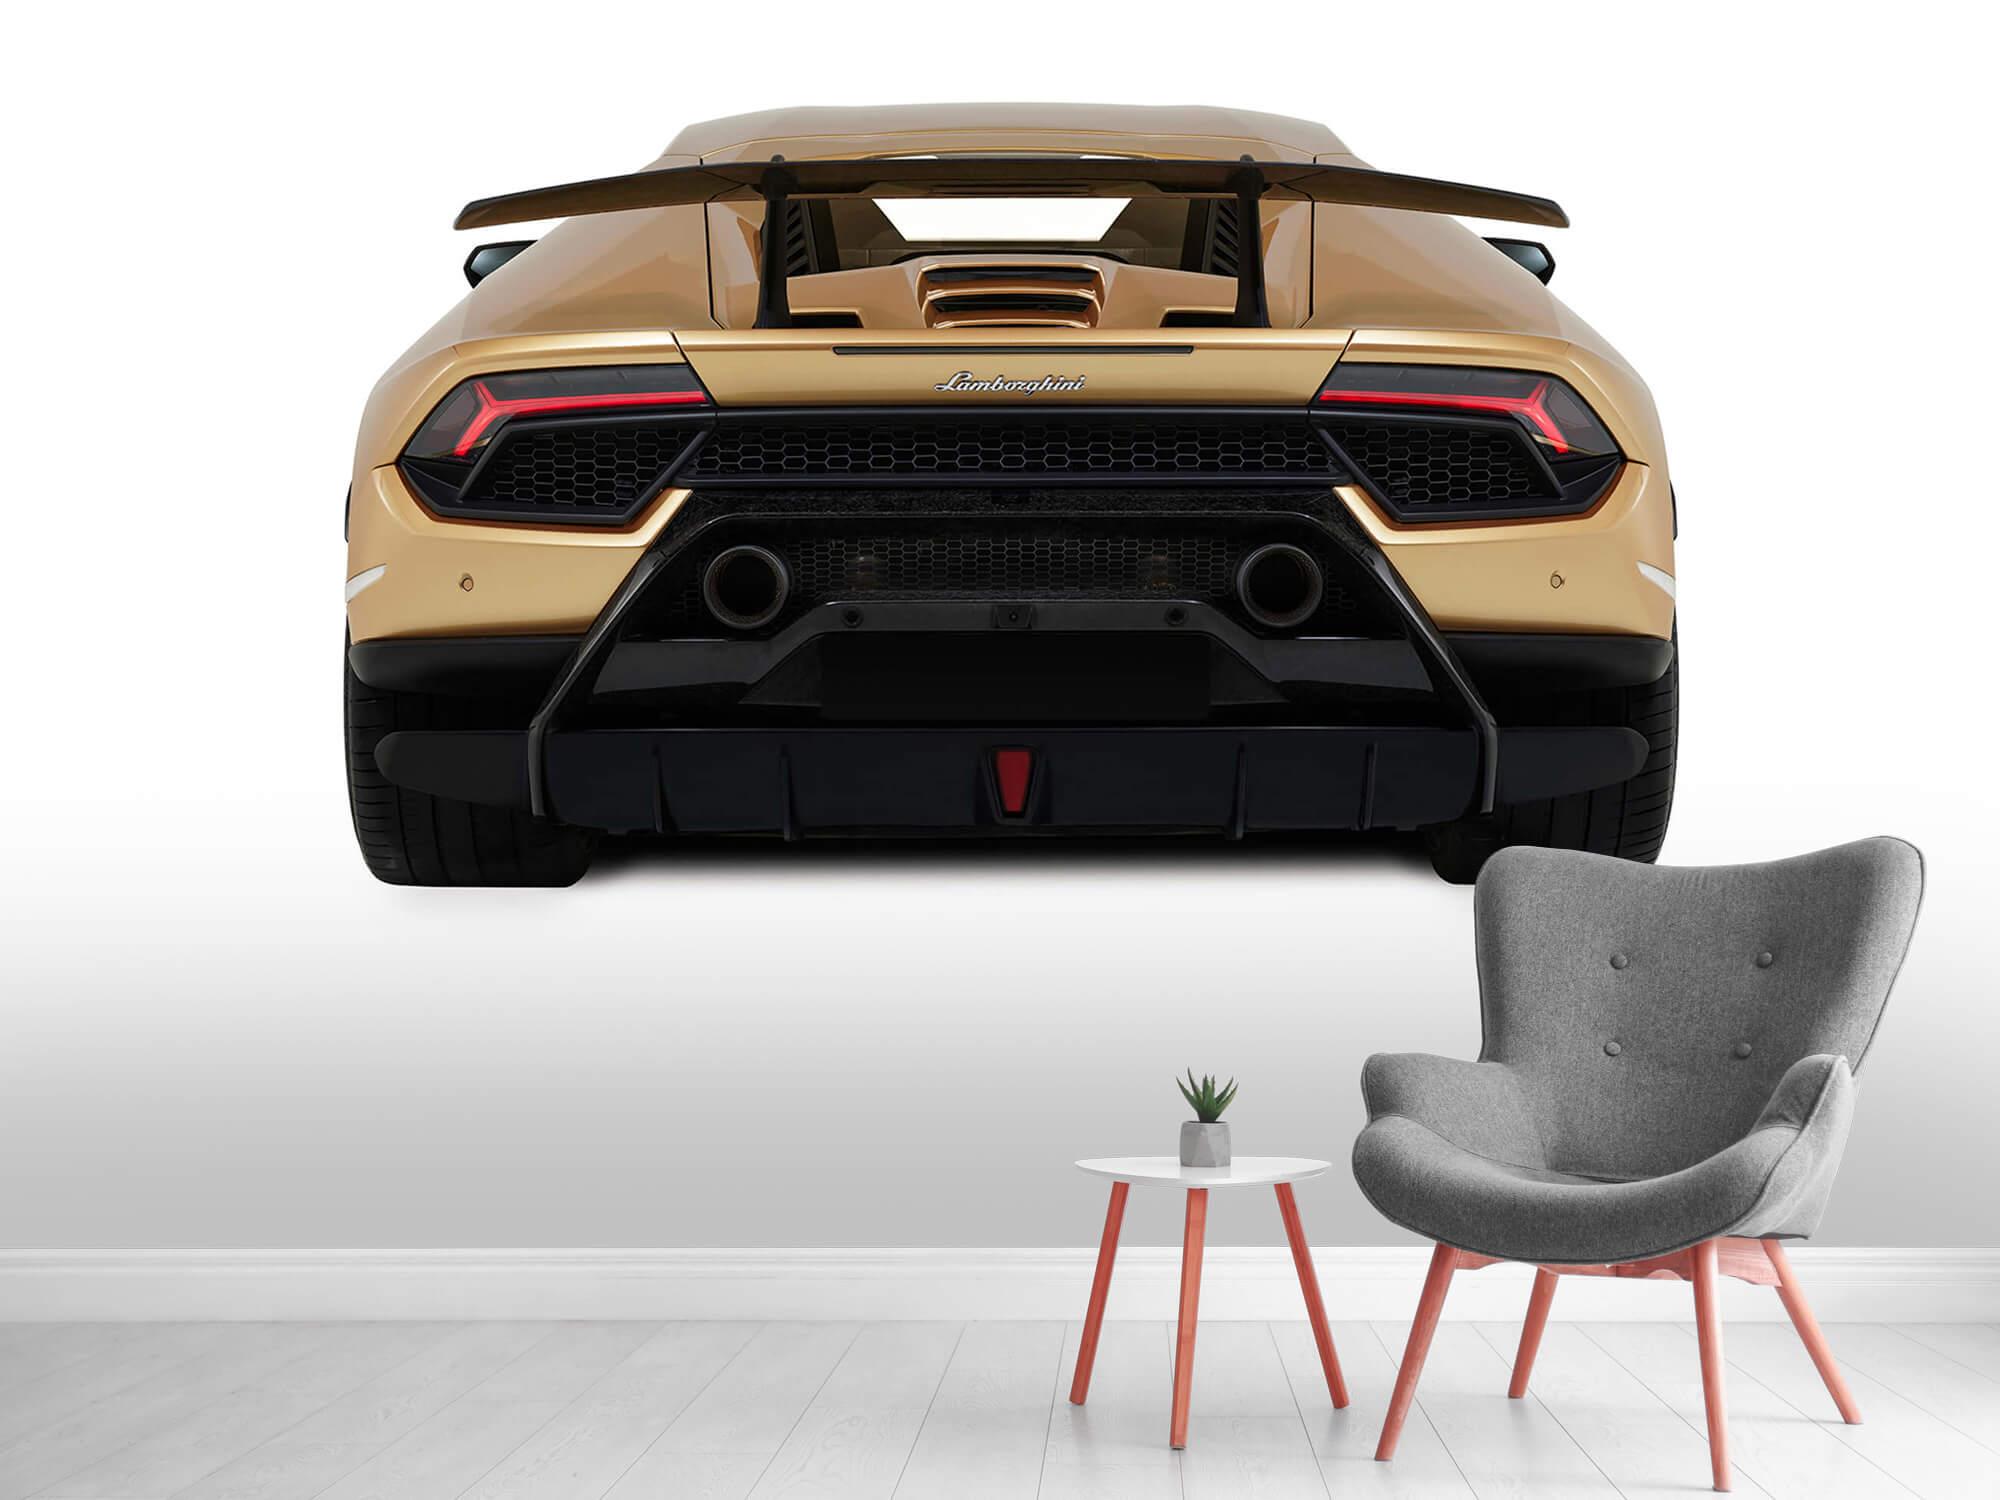 Wallpaper Lamborghini Huracán - Rear view, white 5